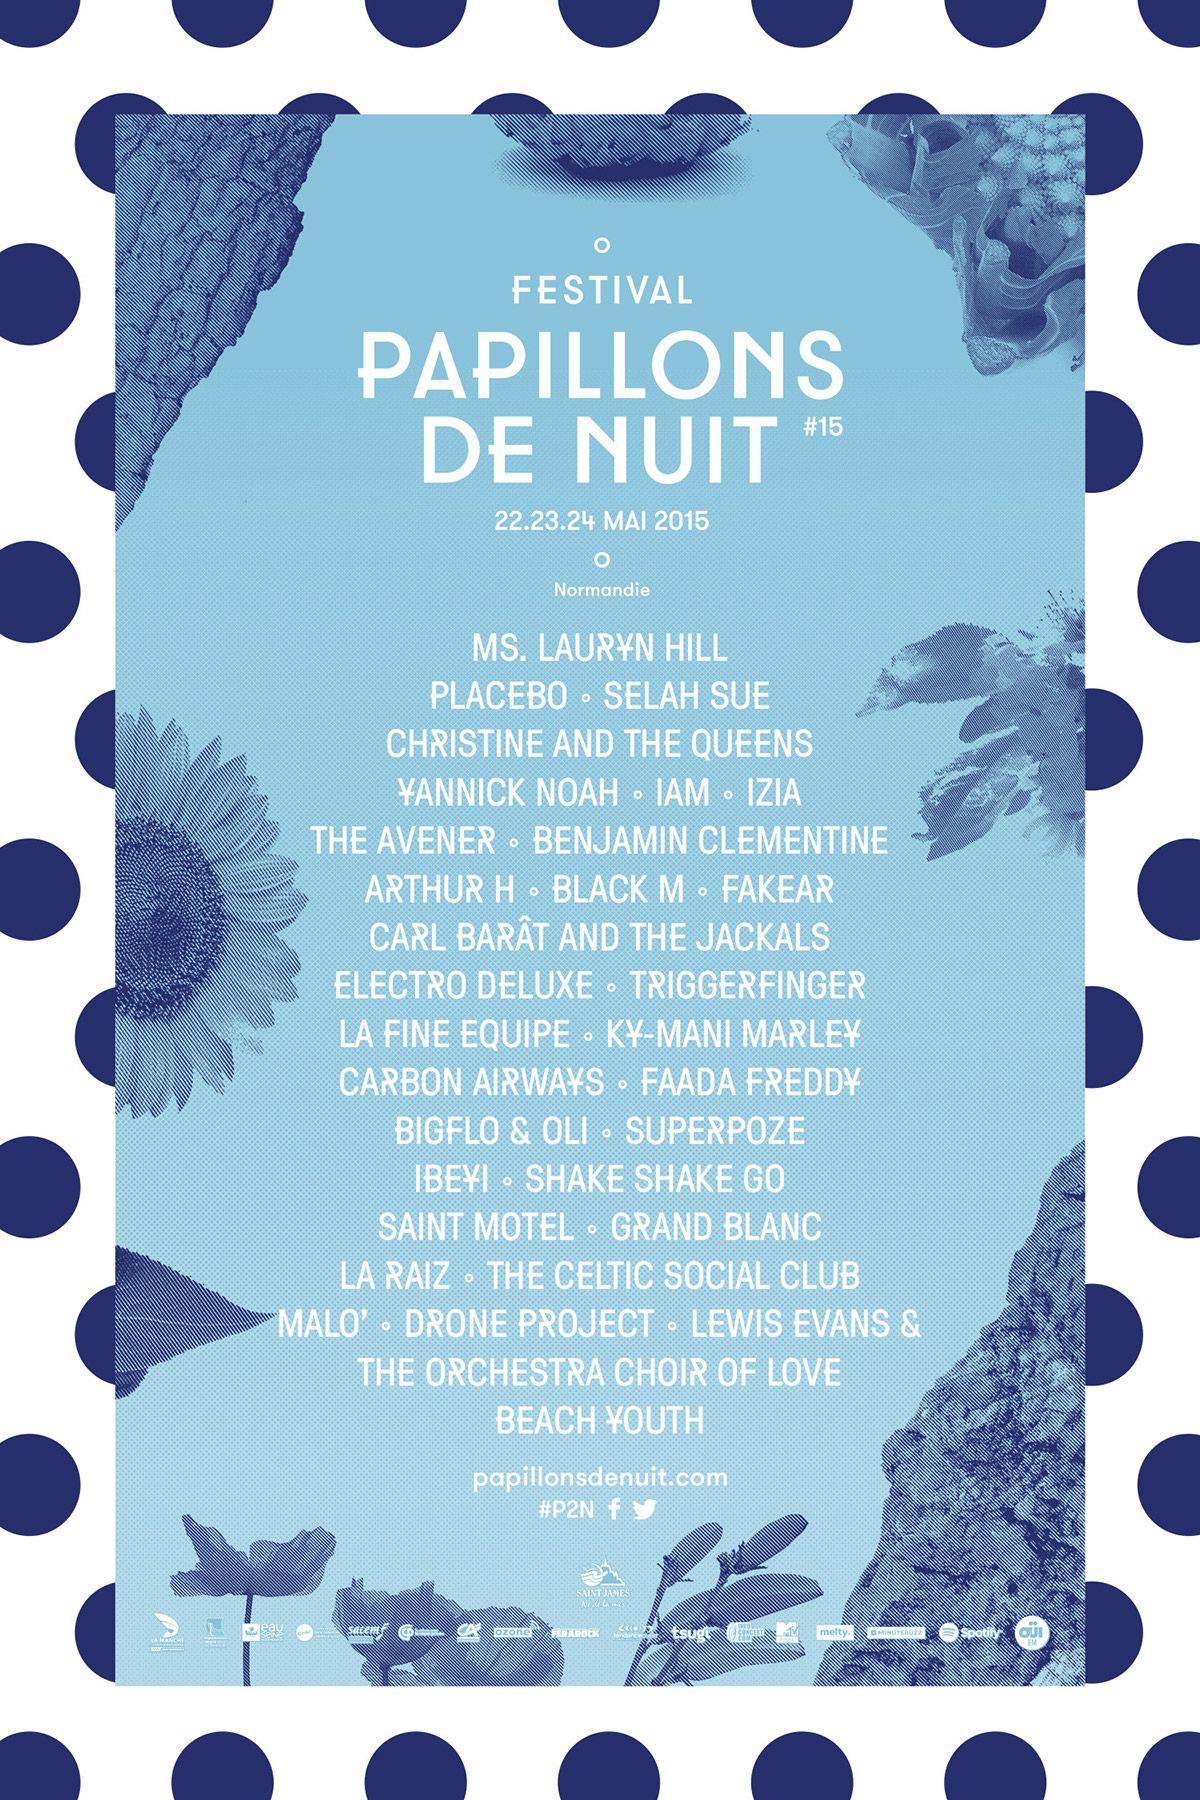 Festival Papillons de Nuit 2015 on Behance